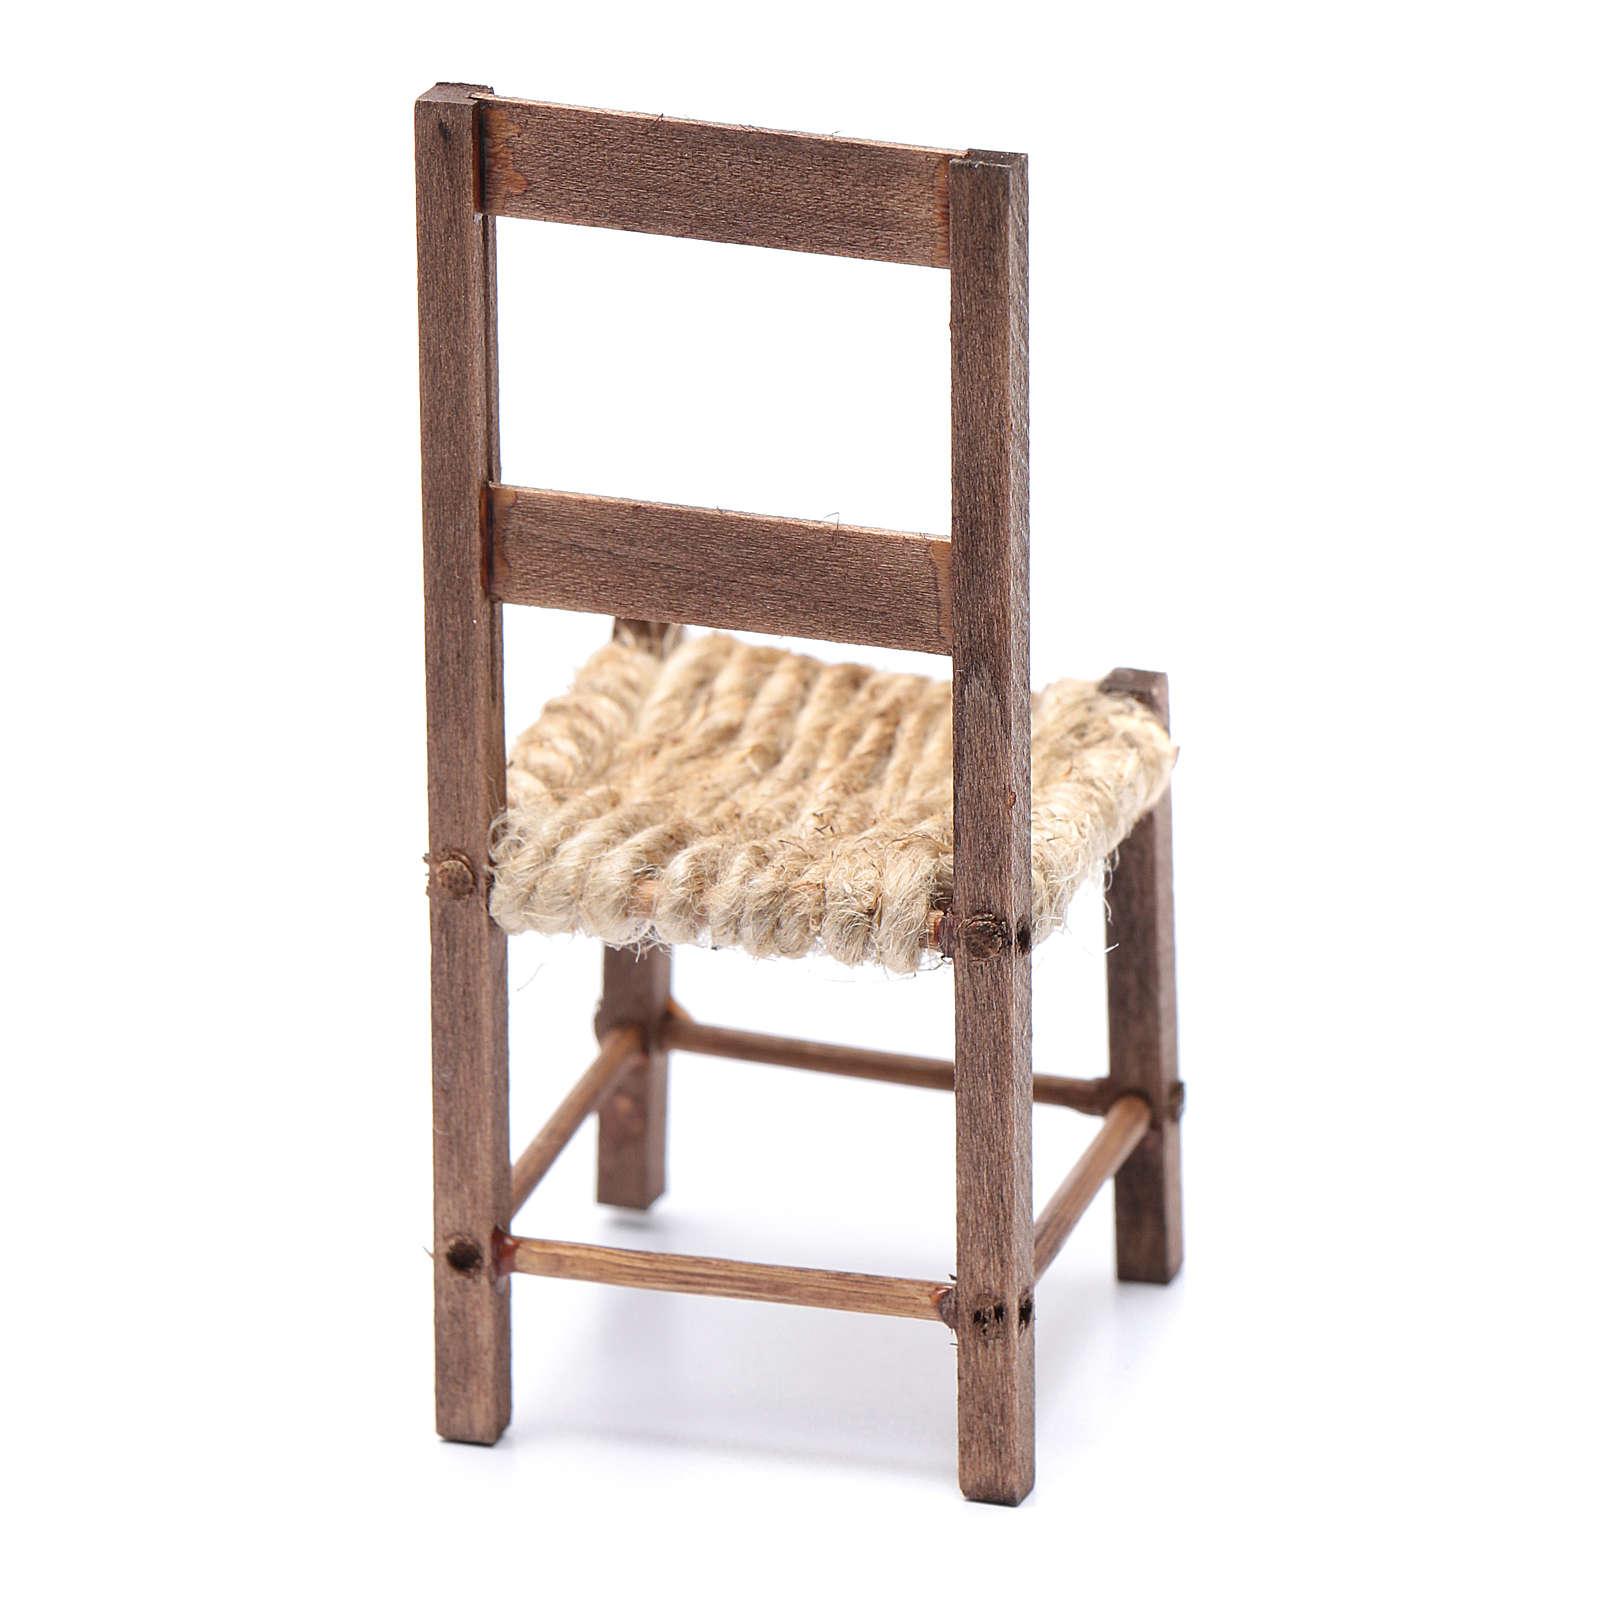 DIY nativity scene chair 10 cm for Neapolitan nativity scene 4